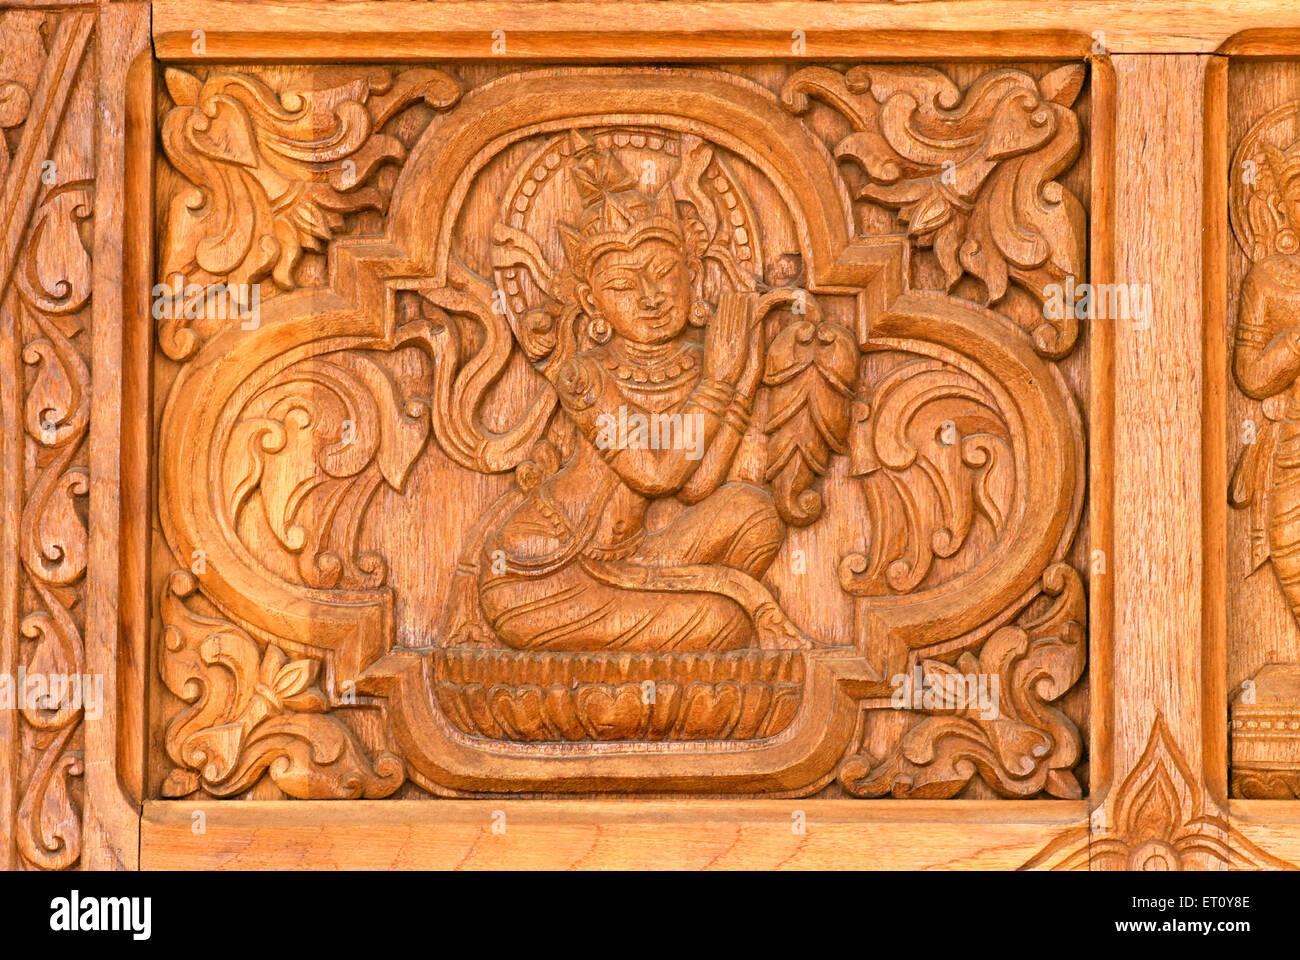 Human figure on panel of global vipassana pagoda ; Gorai ; Borivali ; Bombay Mumbai ; Maharashtra ; India Stock Photo